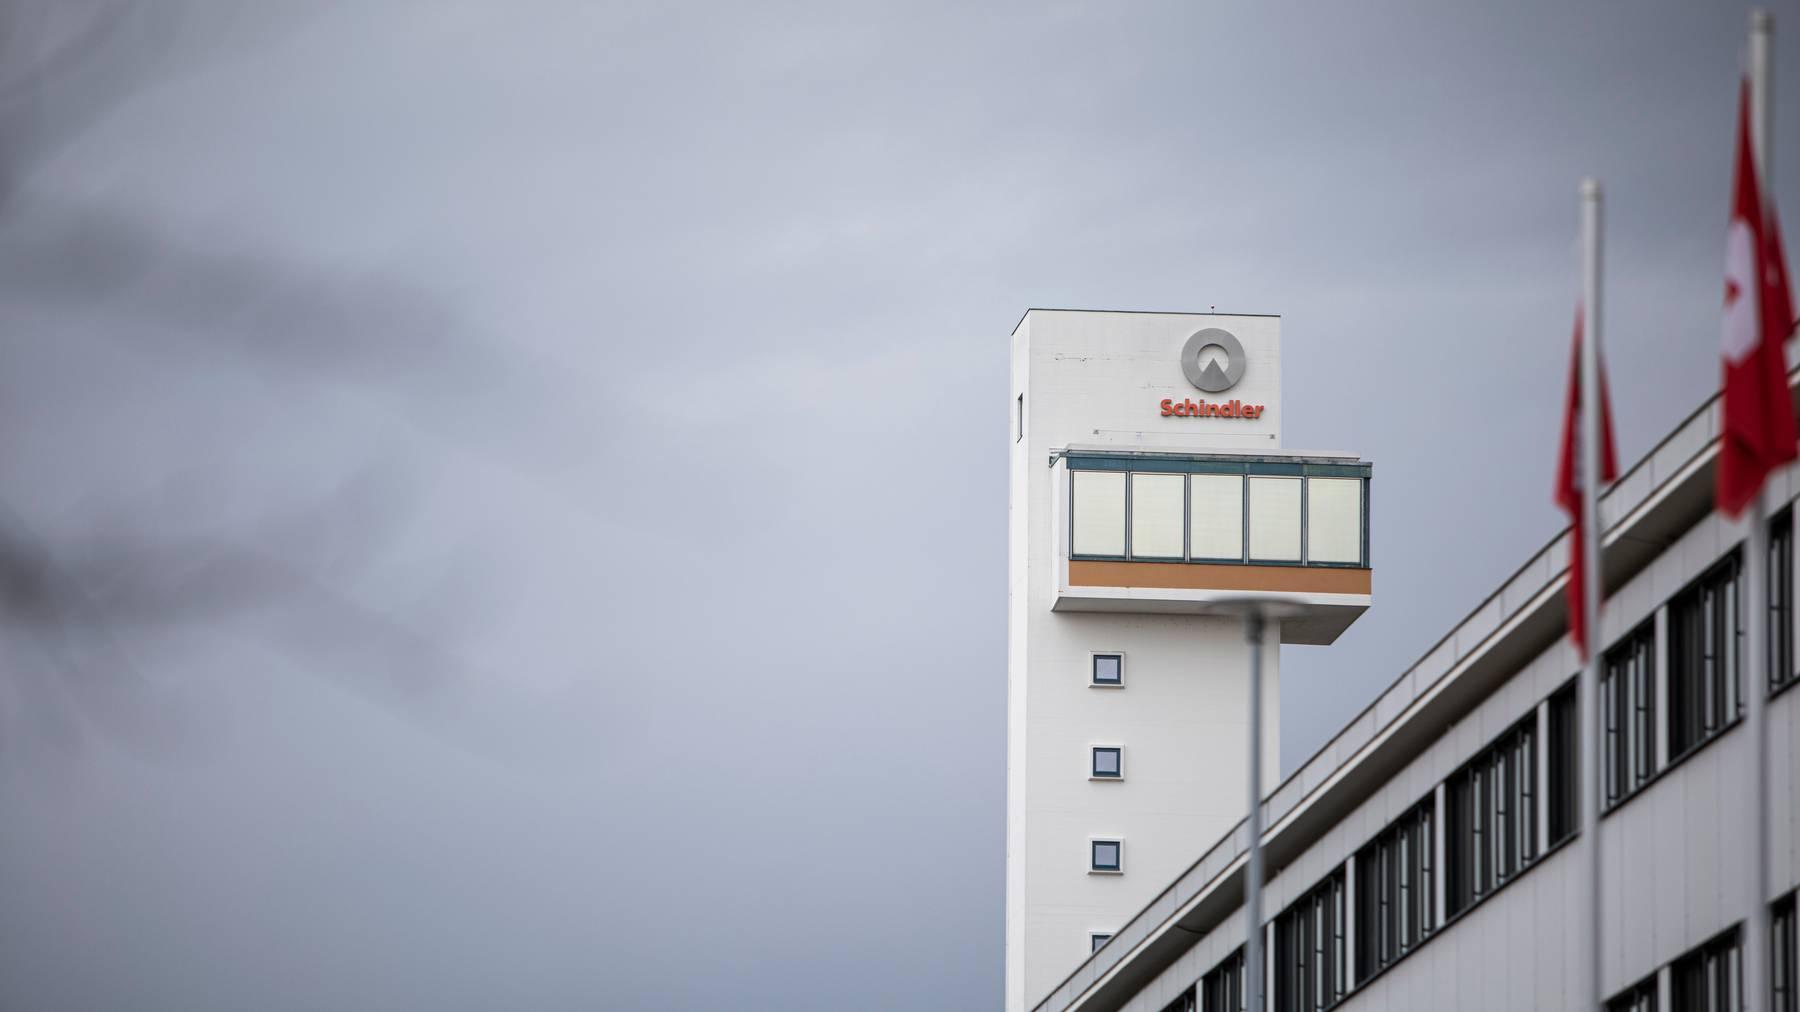 Der Lifthersteller aus Ebikon will mit dem Stellenabbau das Wachstum sichern.